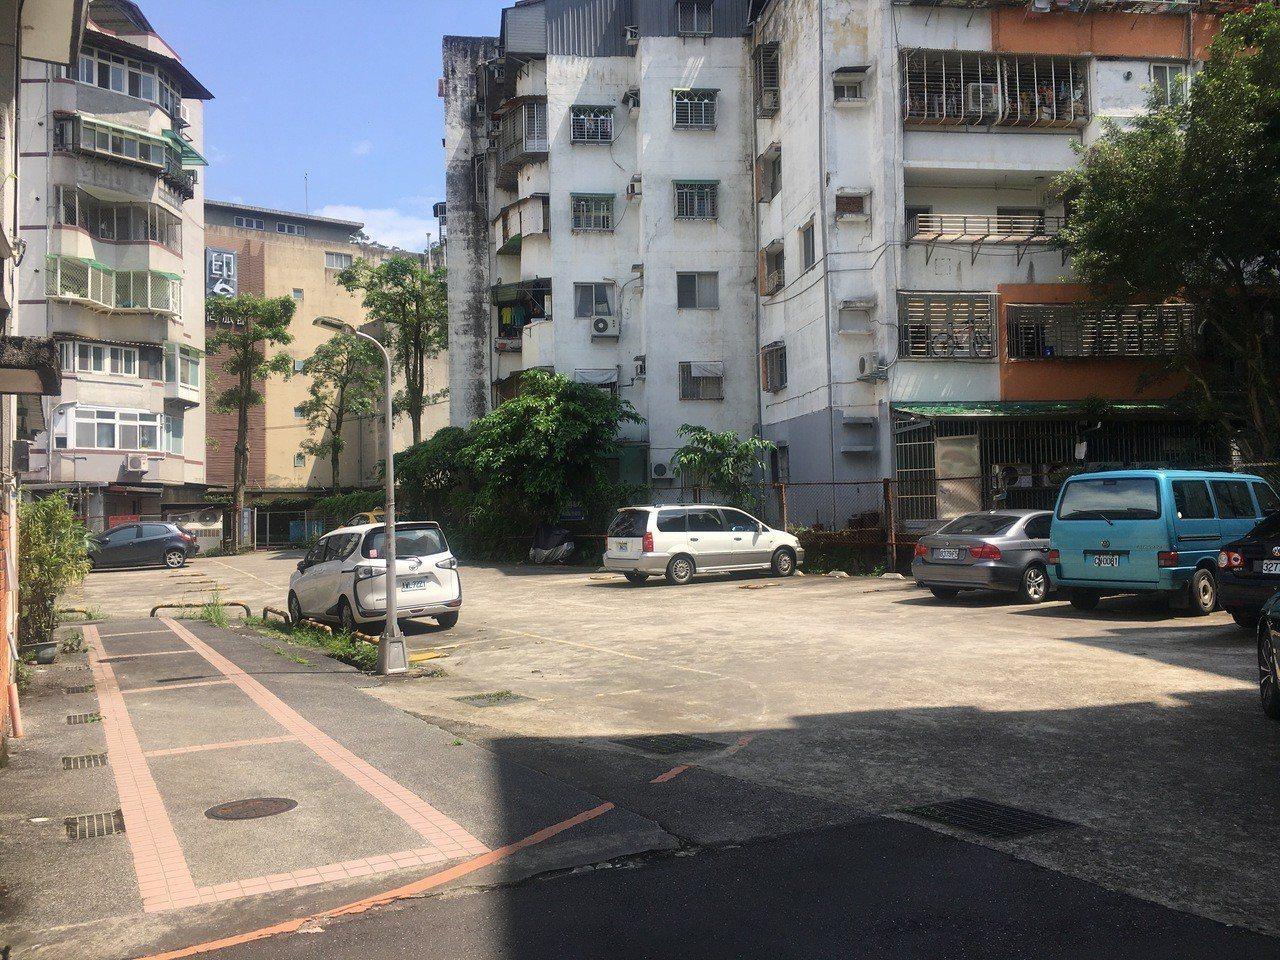 政大認為不應將化南新村停車場劃入聚落建築群保存範圍中。記者魏莨伊/攝影